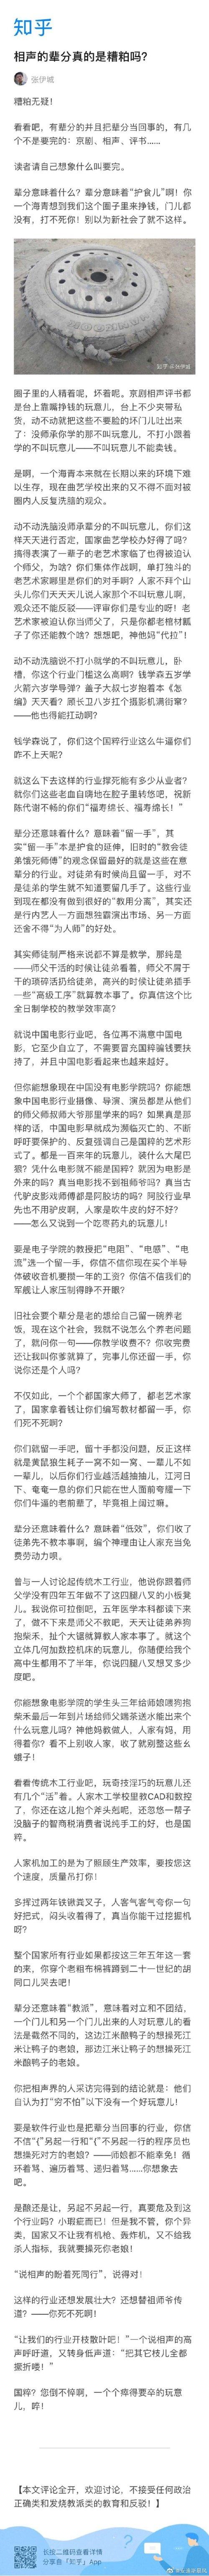 xiangsheng